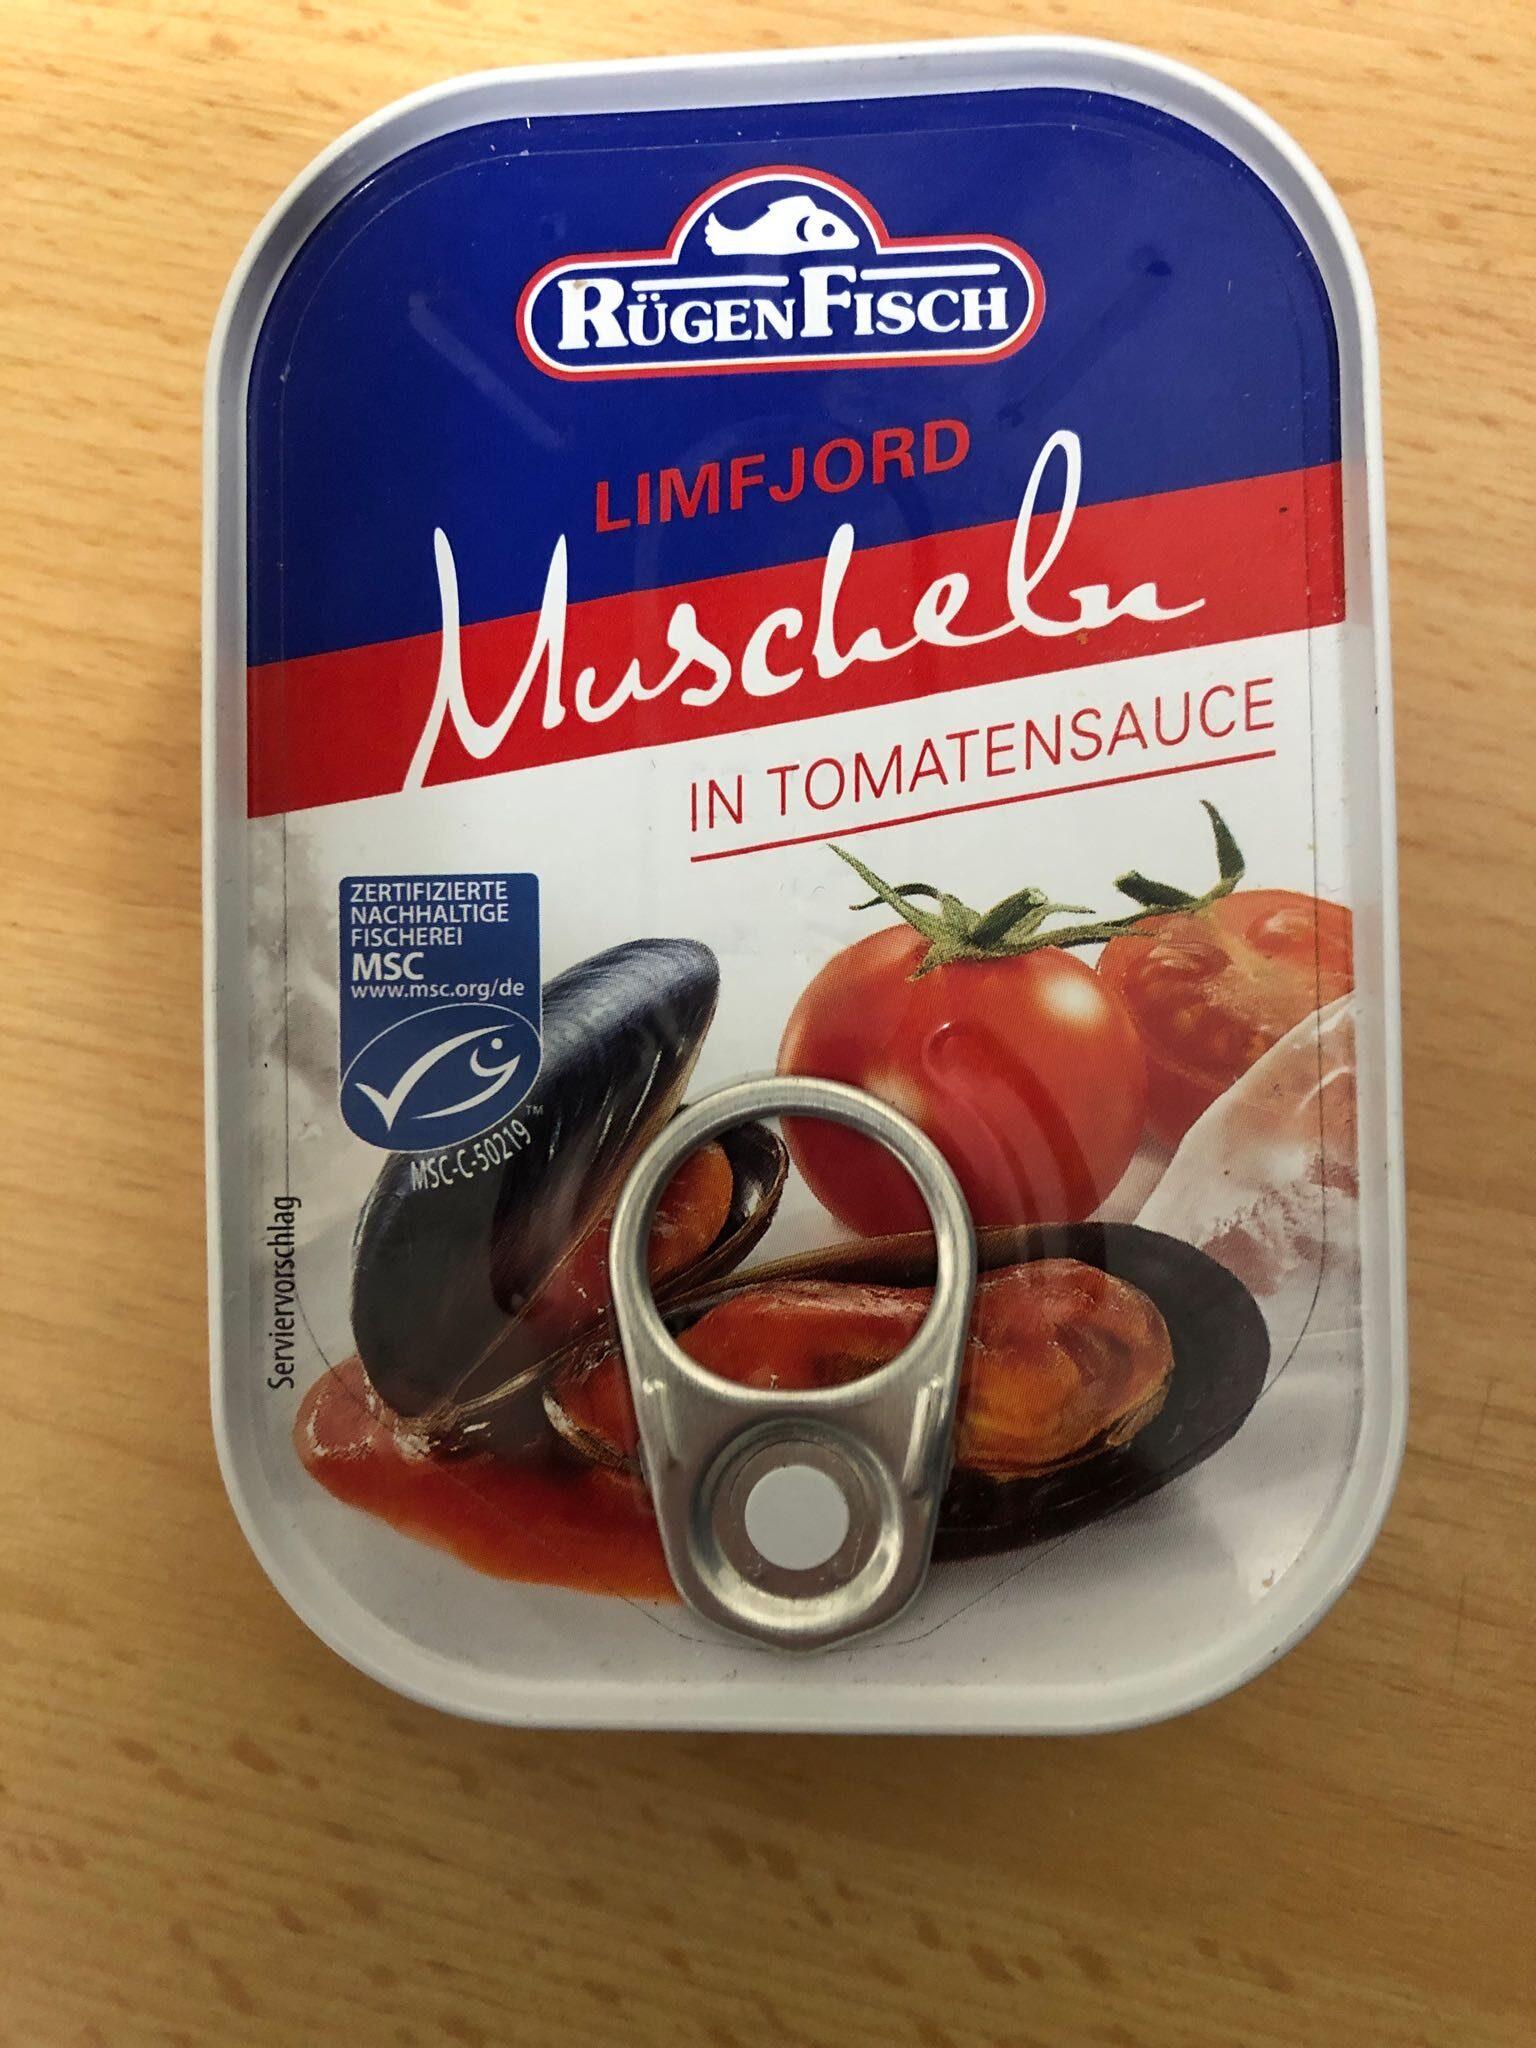 Muscheln in tomatensauce - Produkt - de